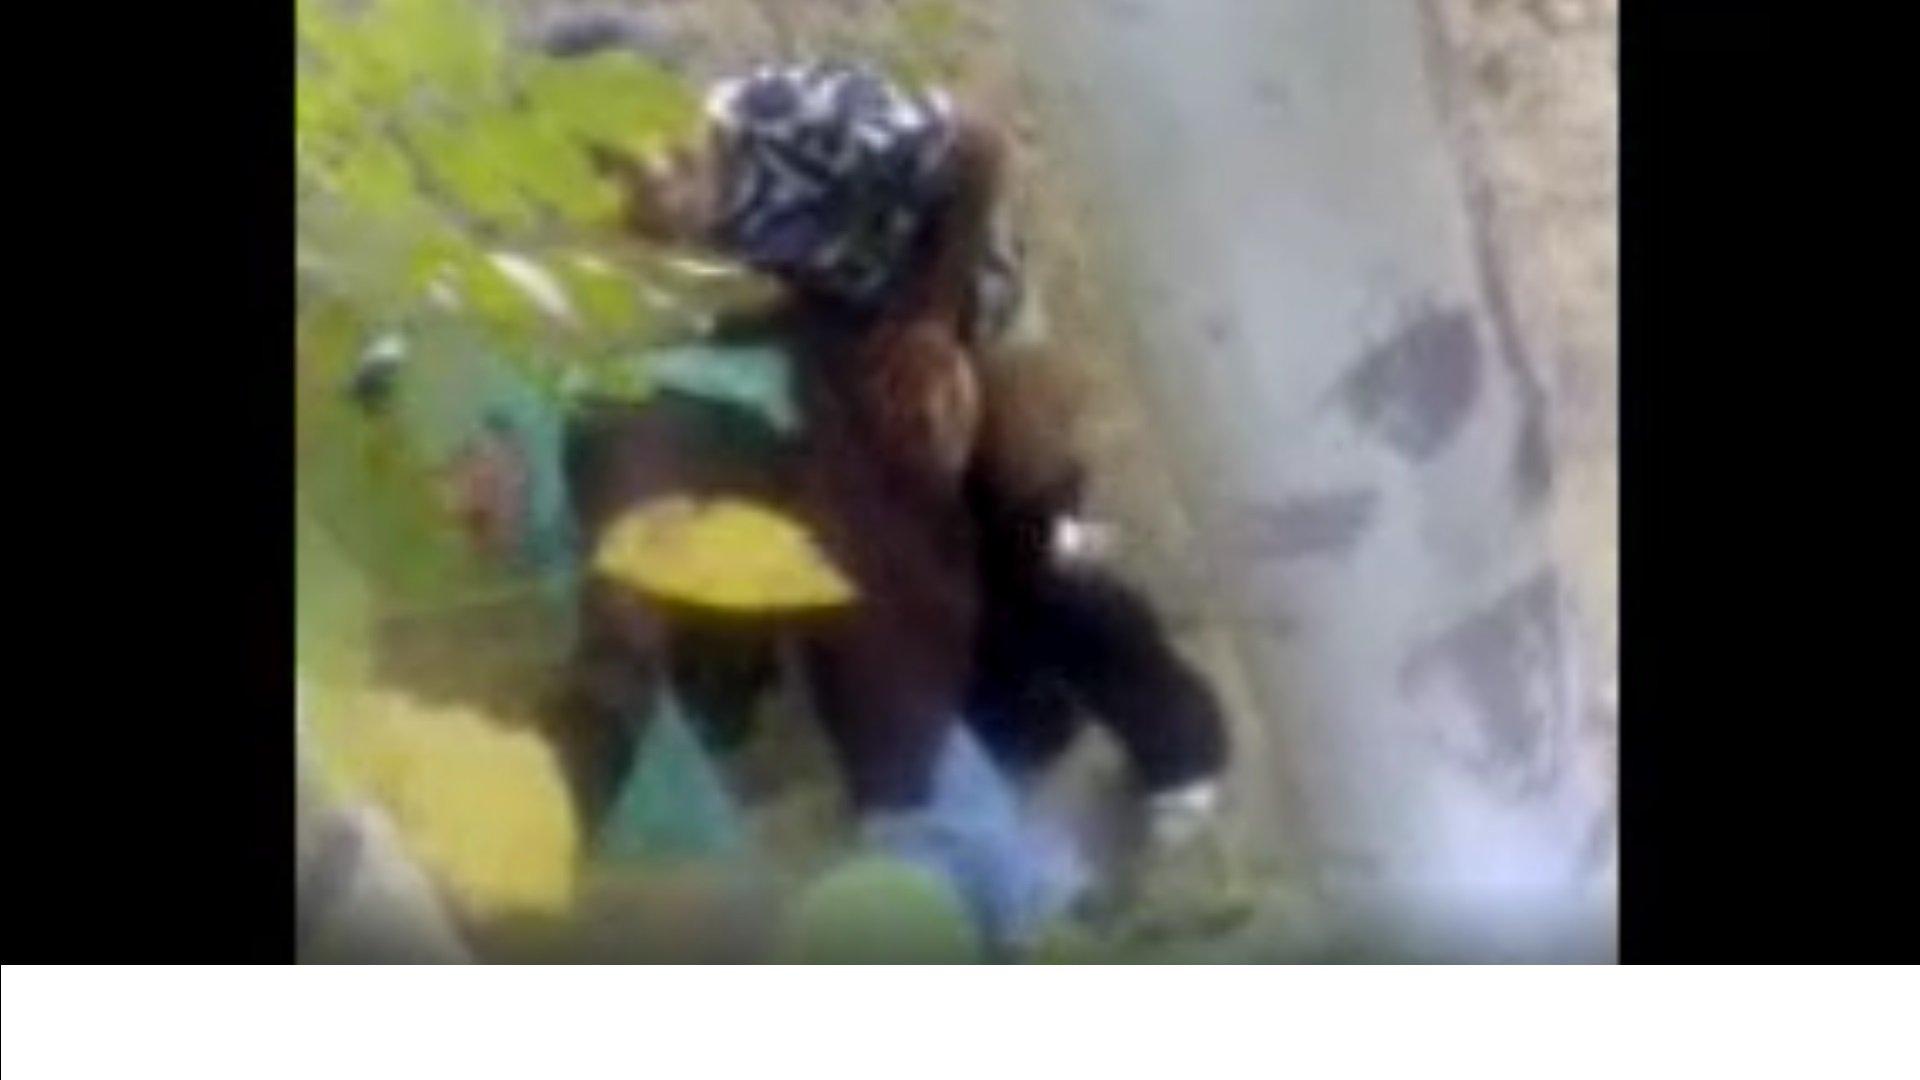 کوس گایی تو گوشه پارک - سایت سکسی قمبل   کلیپ سکسی برای دانلود و تماشا